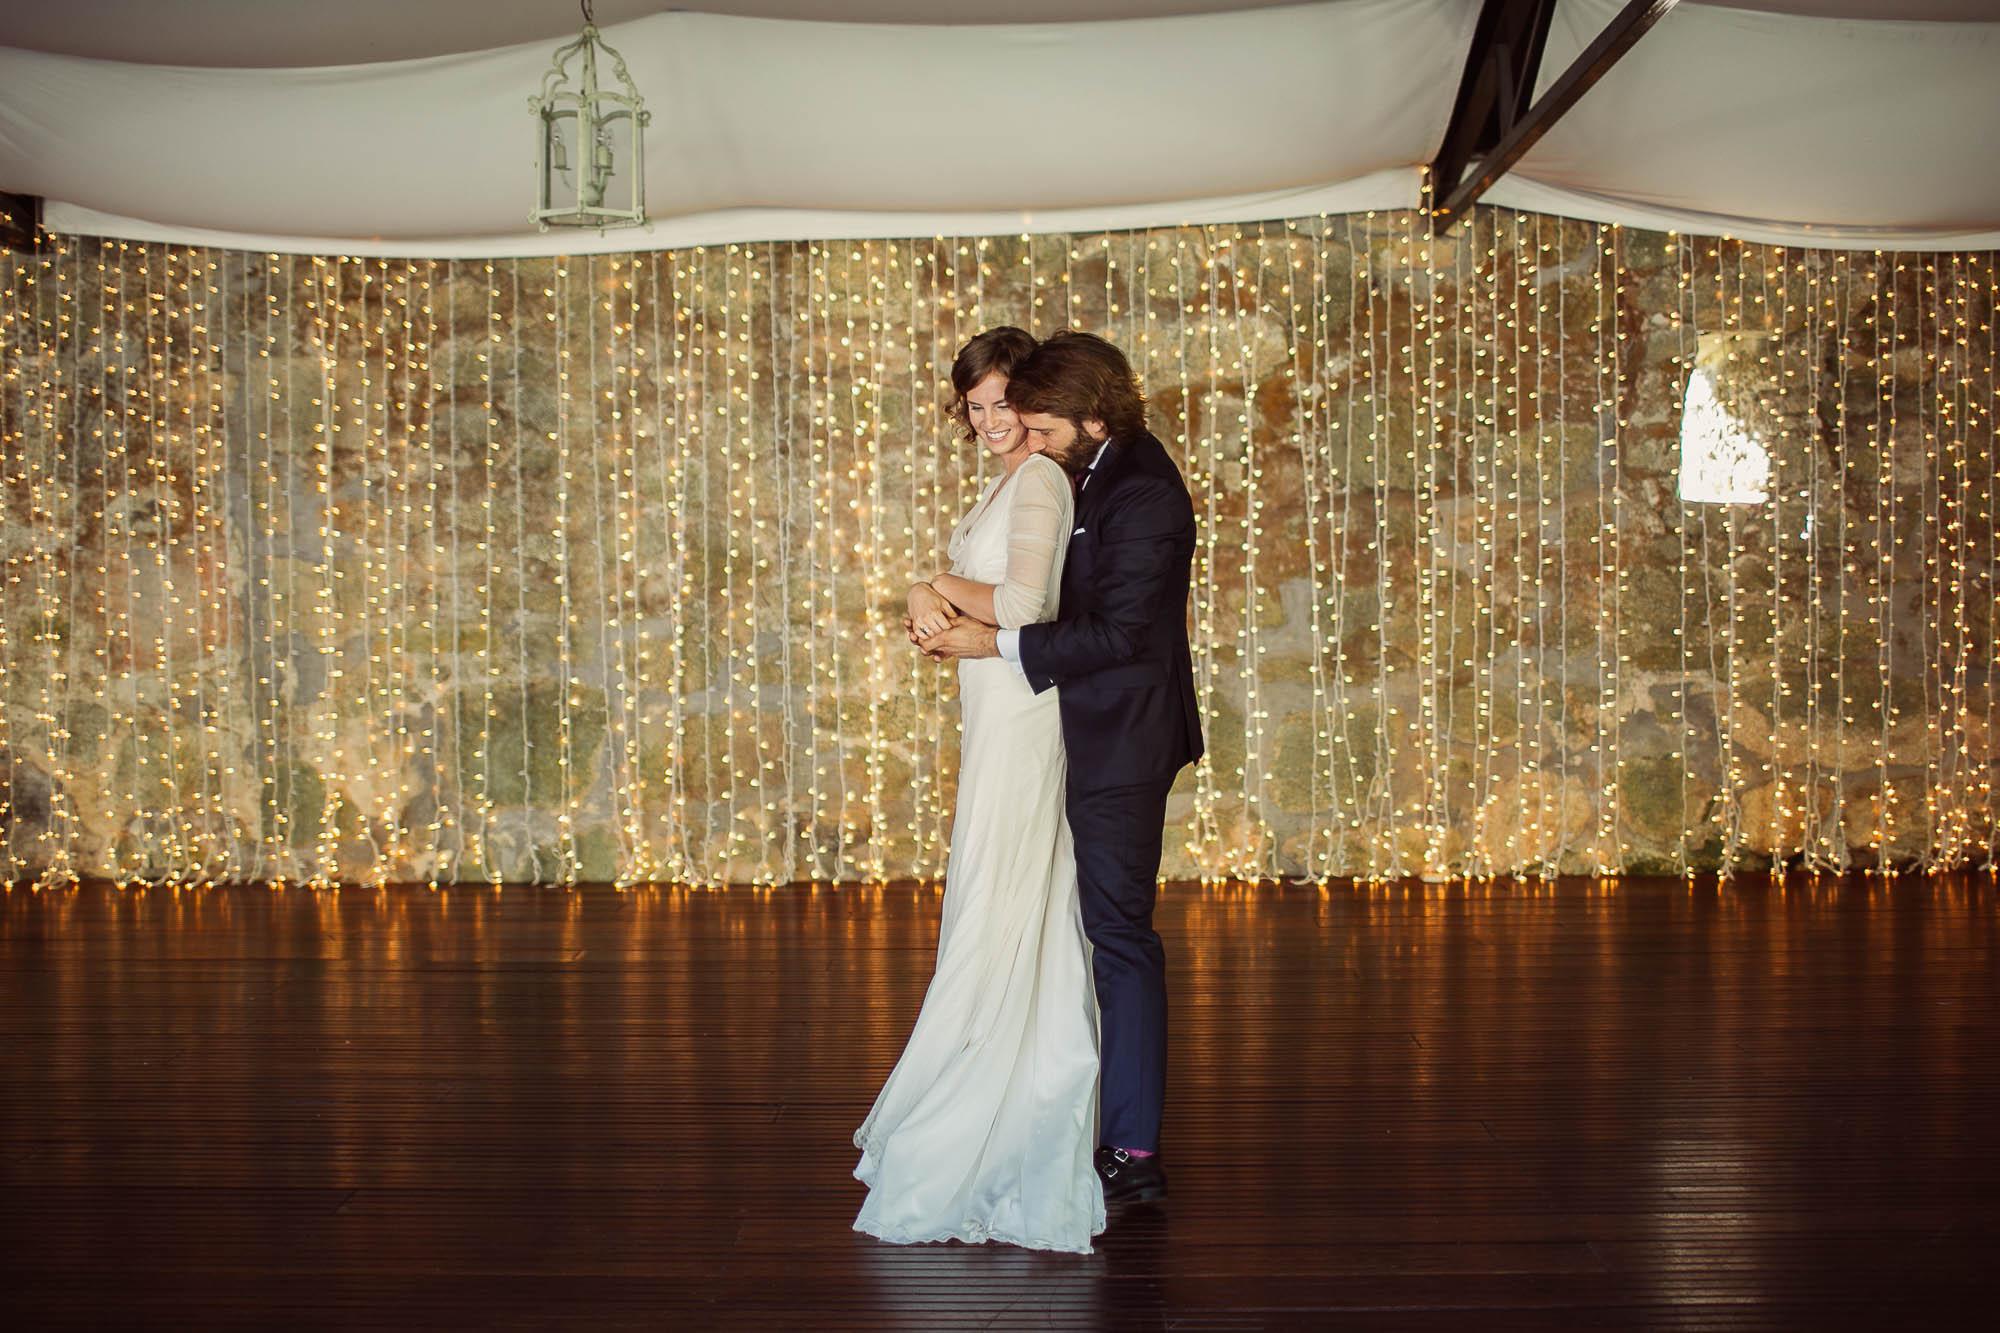 Marido y mujer bailando juntos pegados